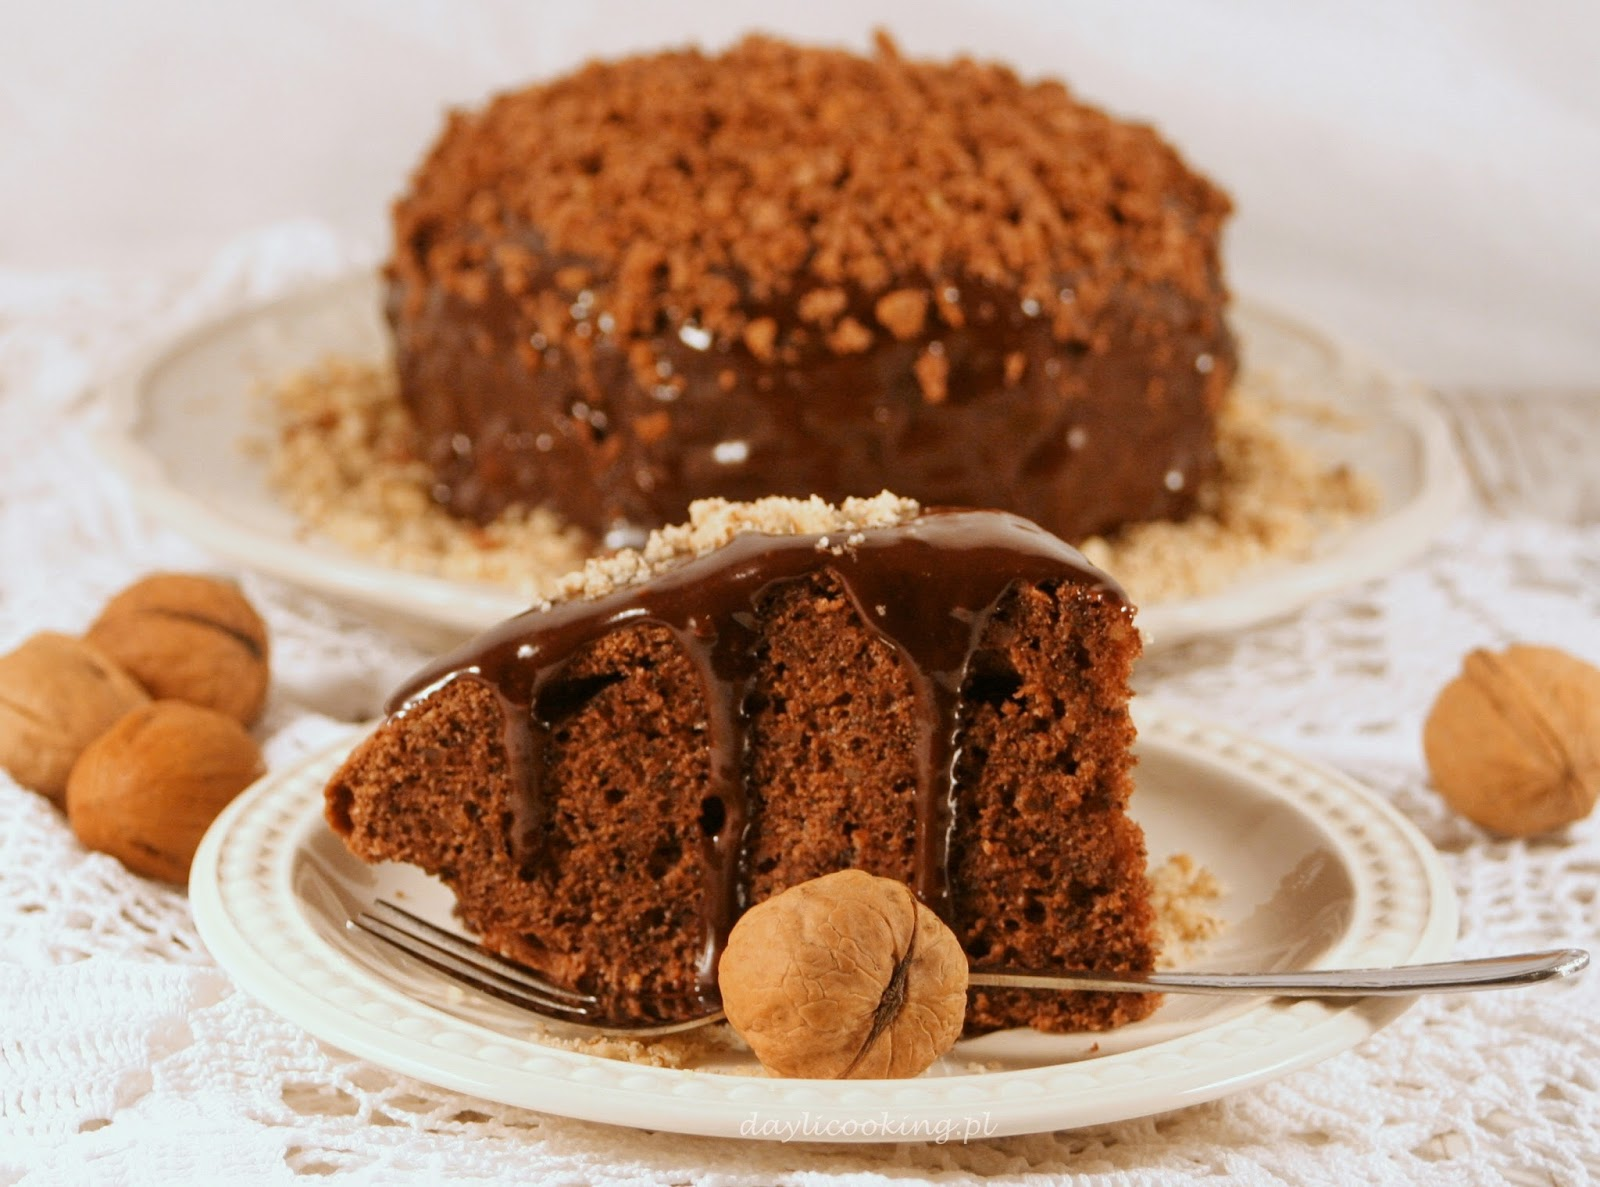 ciasto z włoskich orzechów, ciasto z orzechami